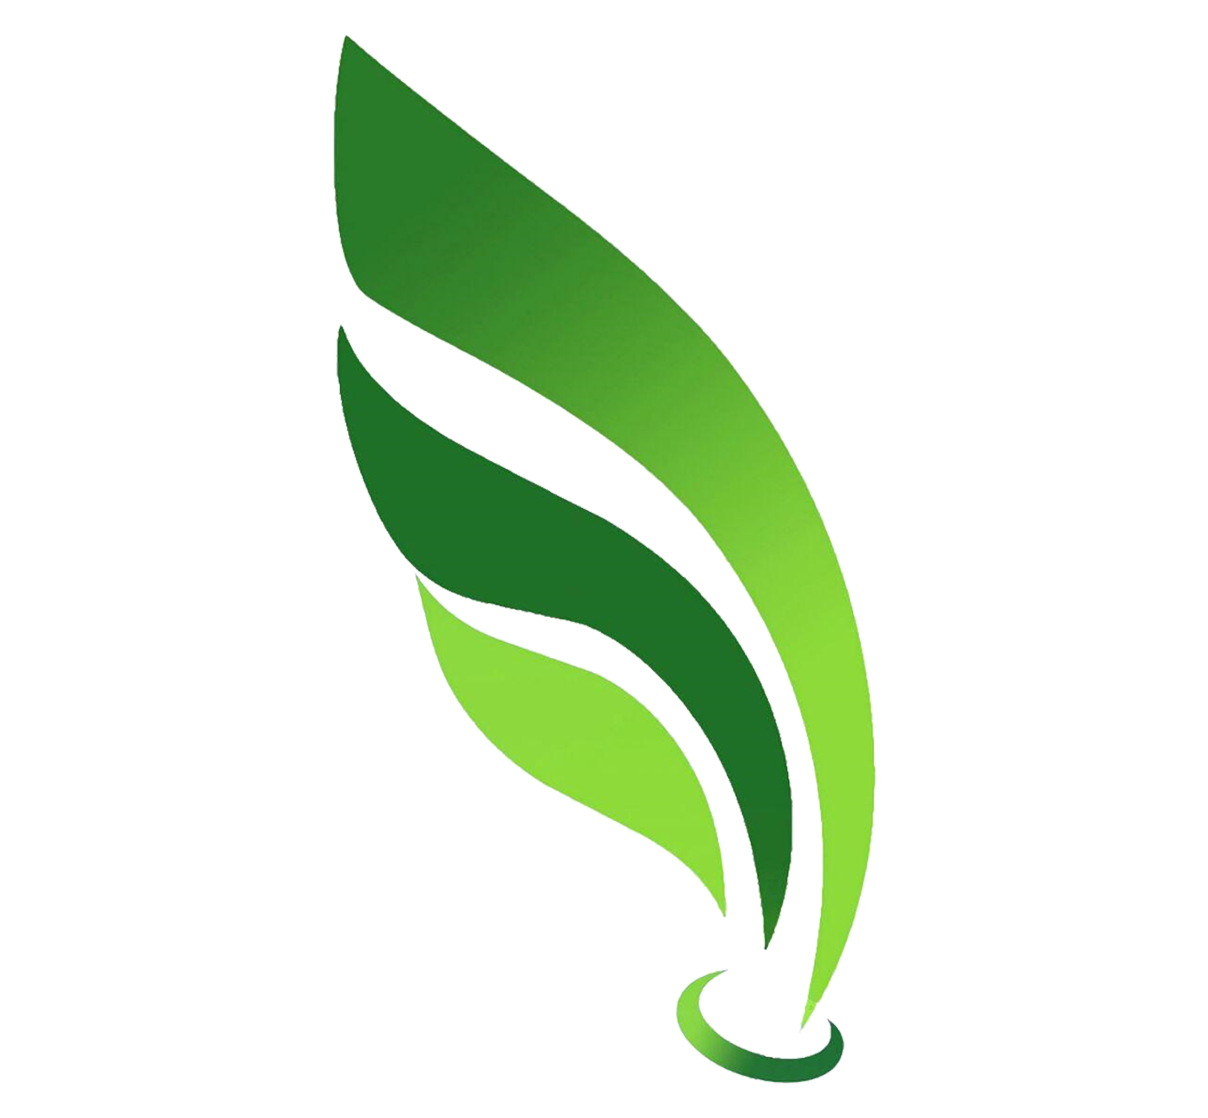 Green Paper Azarbayjan Co